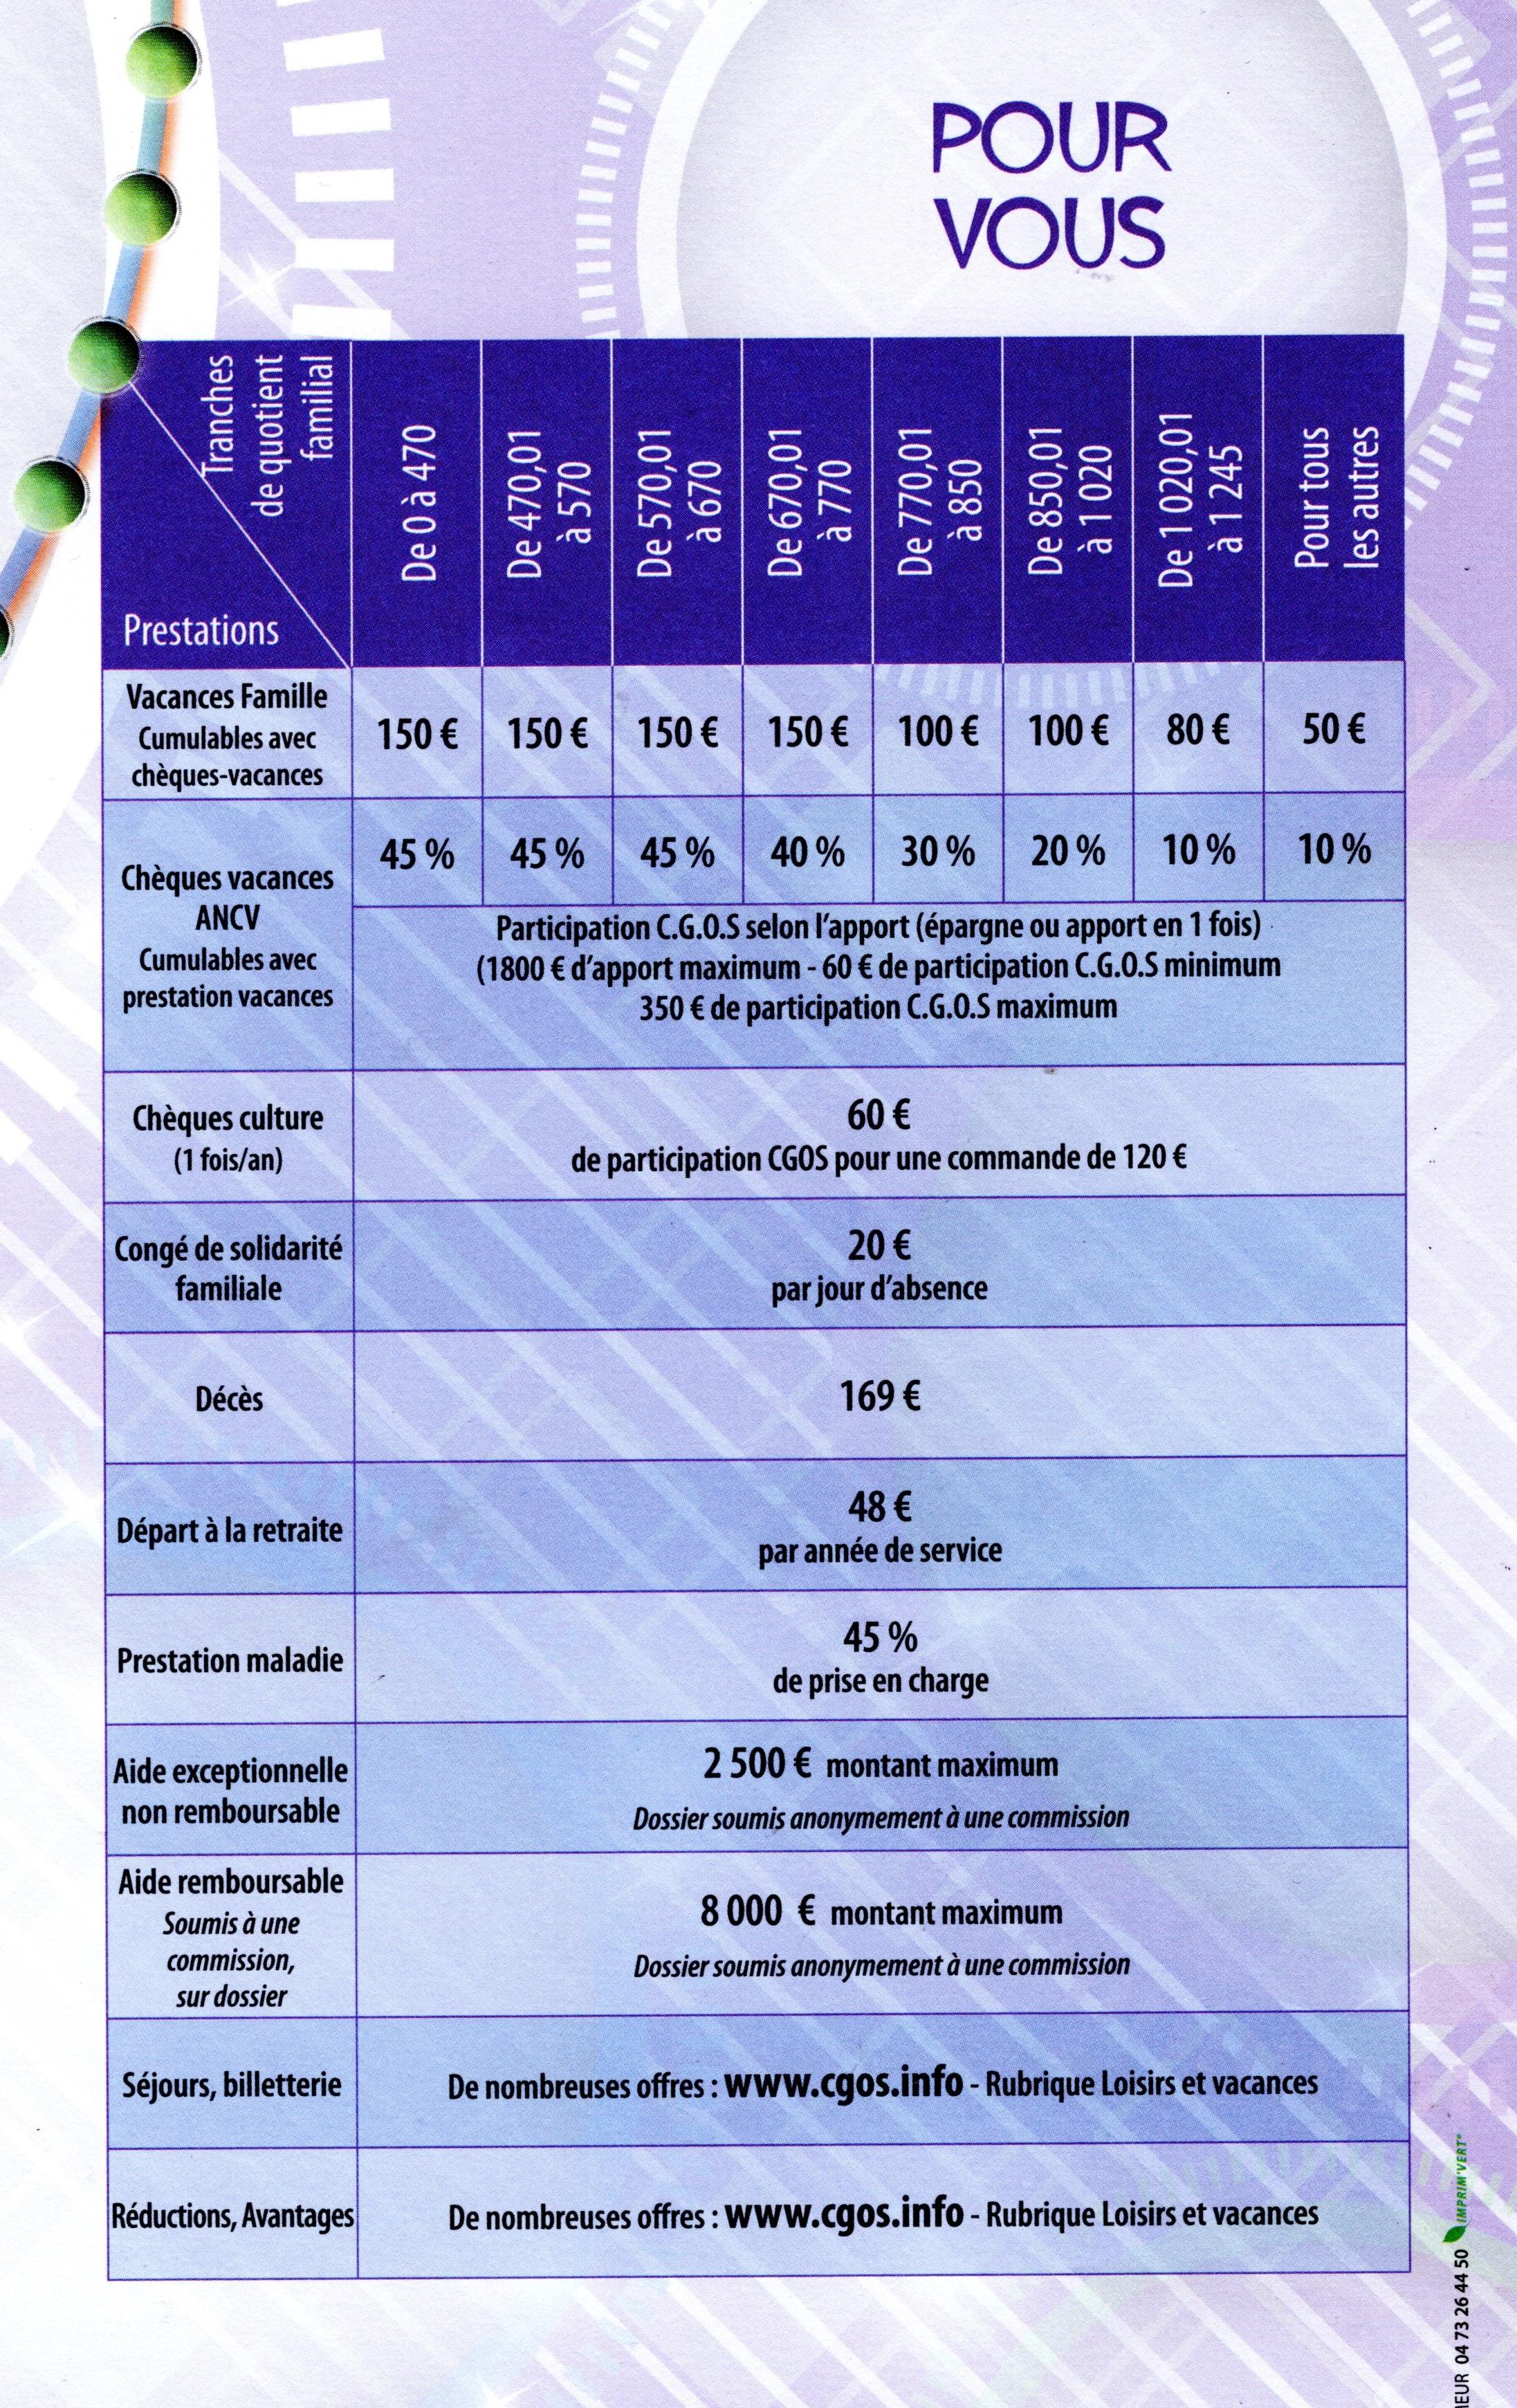 Affiche Droits CGOS 2019 (2)